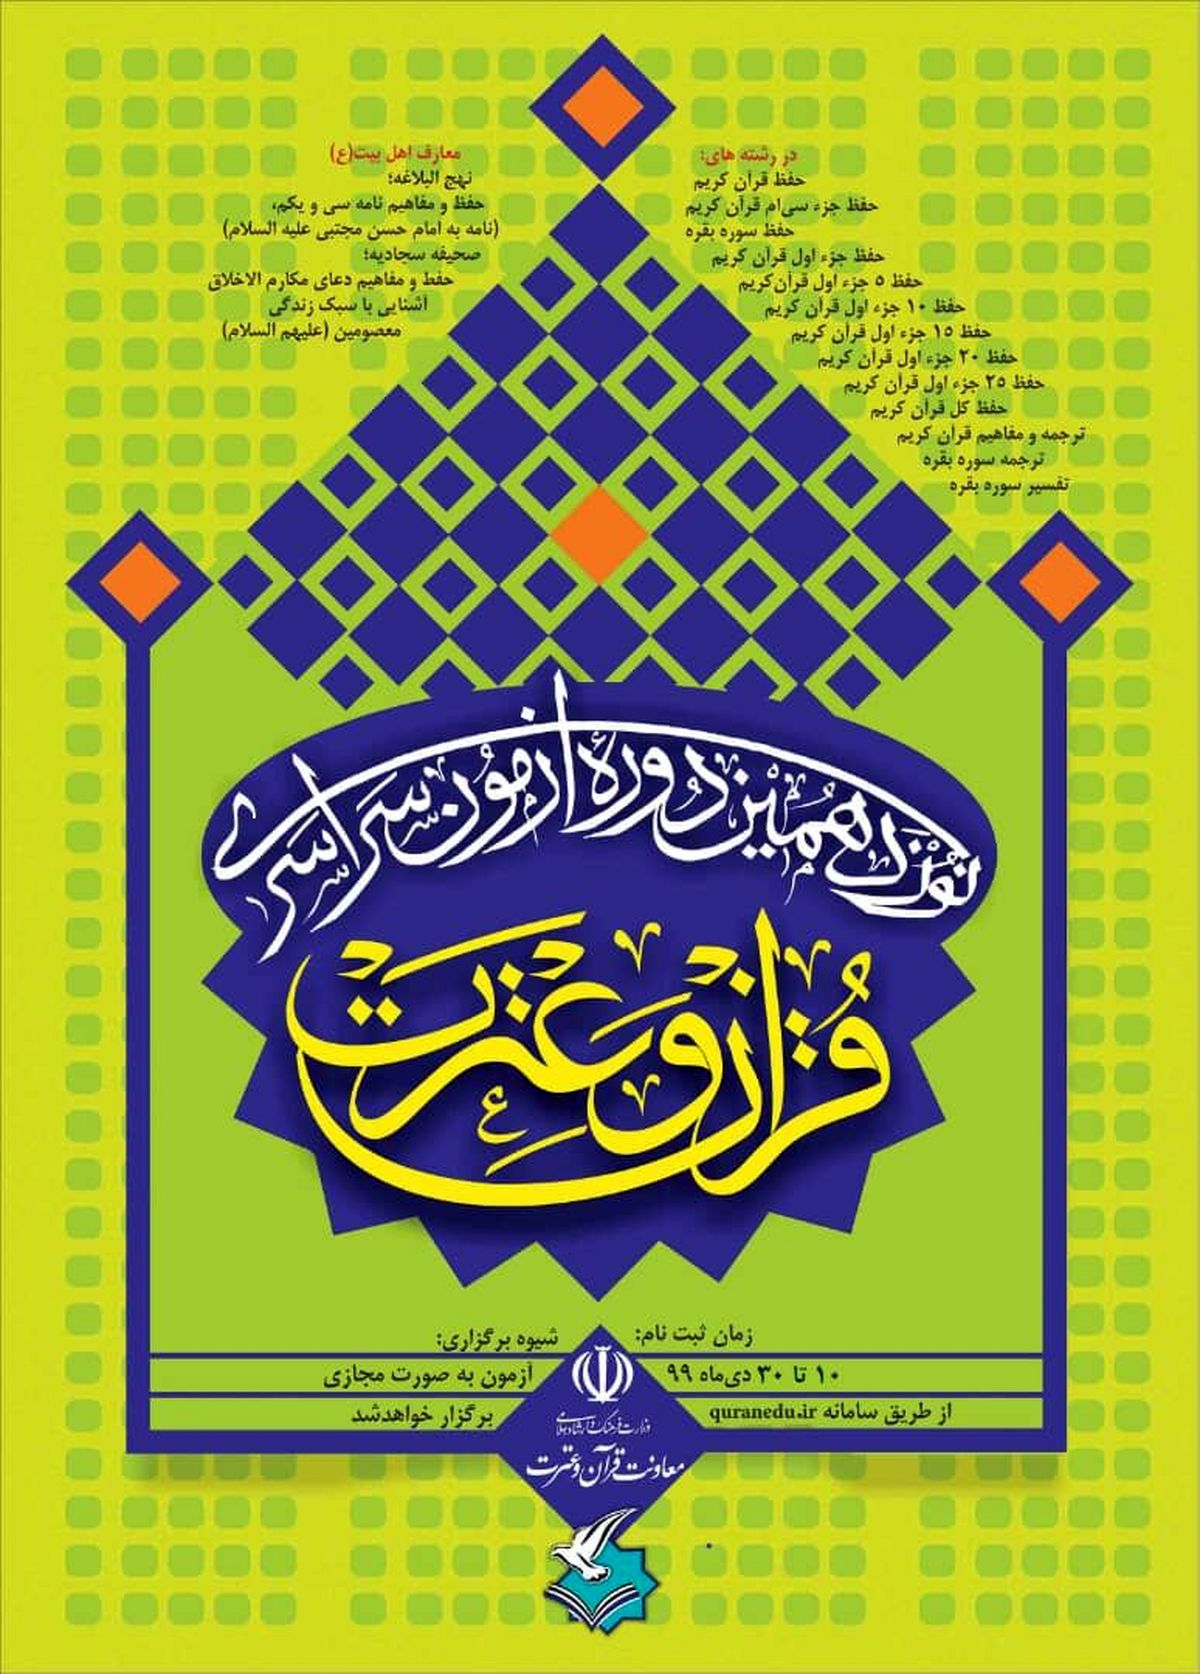 شرکت 259 نفر از فعالان قرآنی قشم در آزمون سراسری قرآن کریم